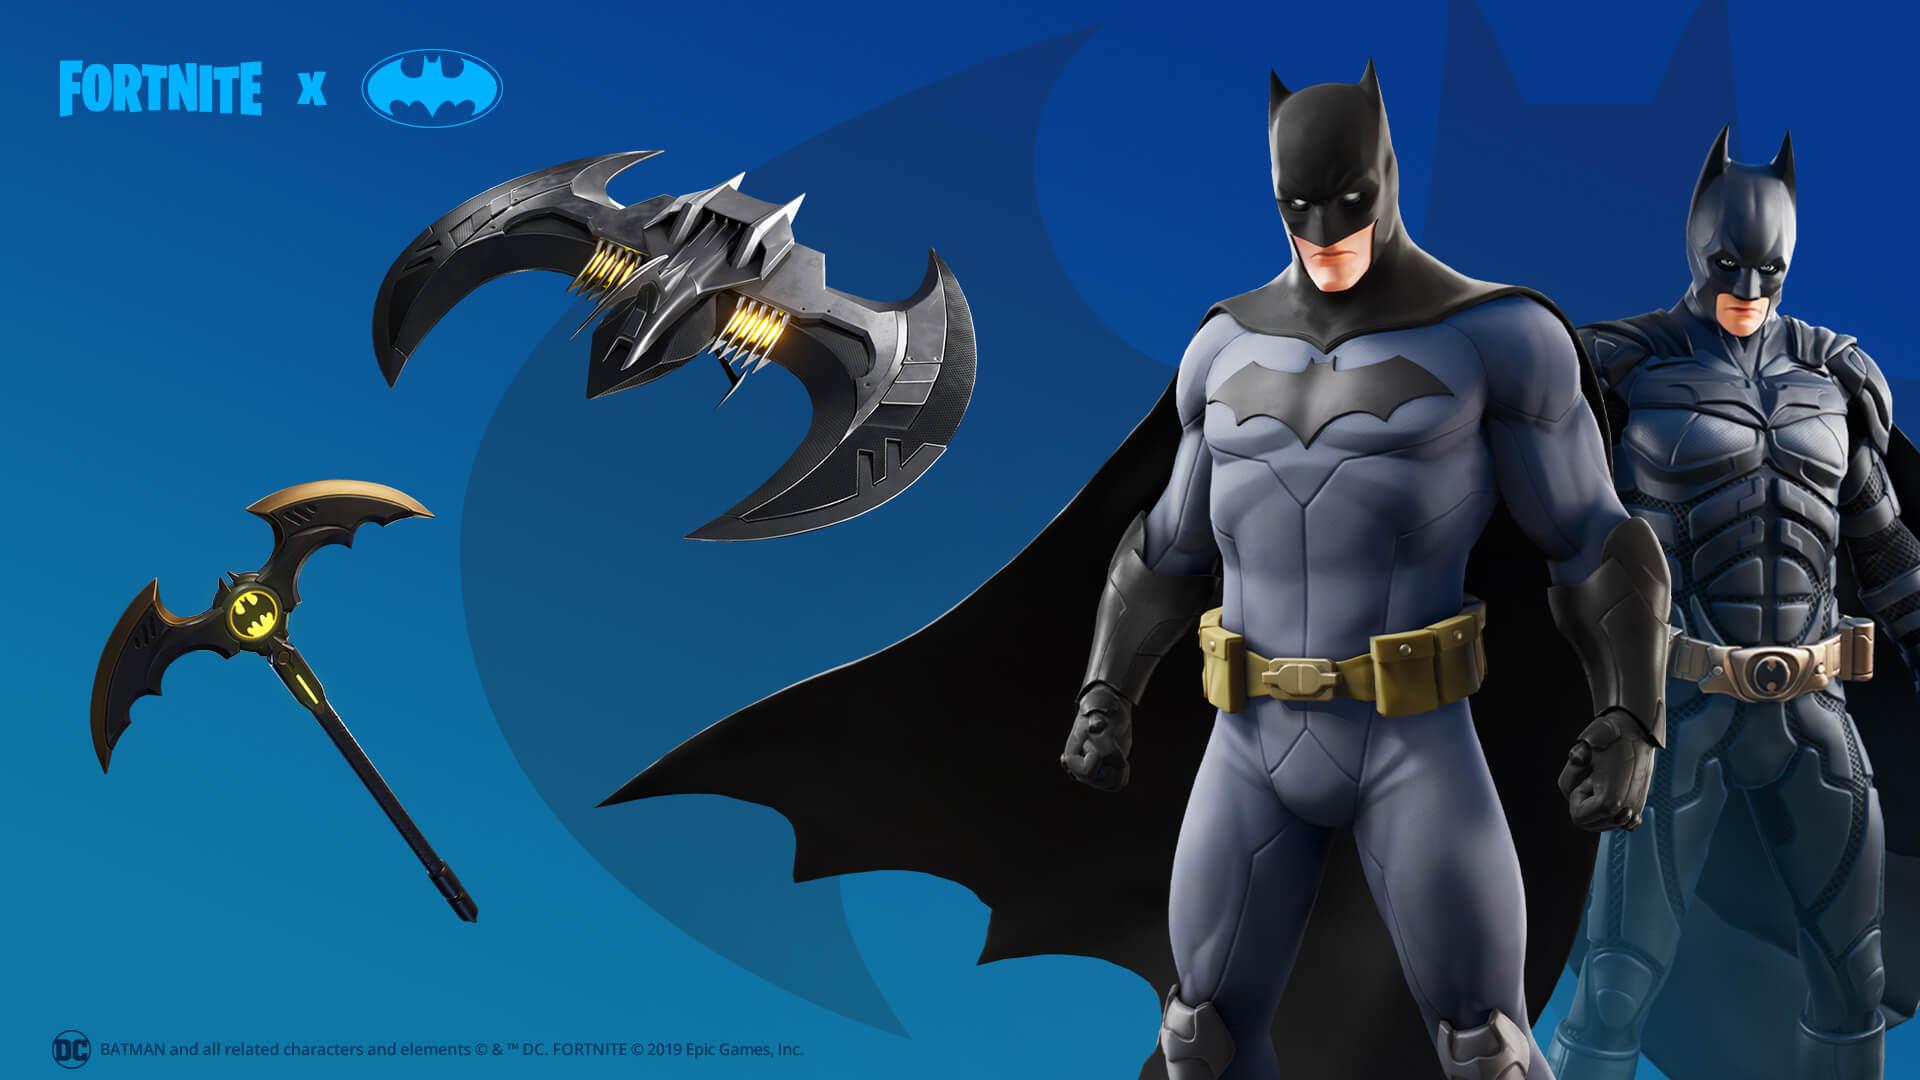 Fortnite er nå Gotham City og Batman overtar 1